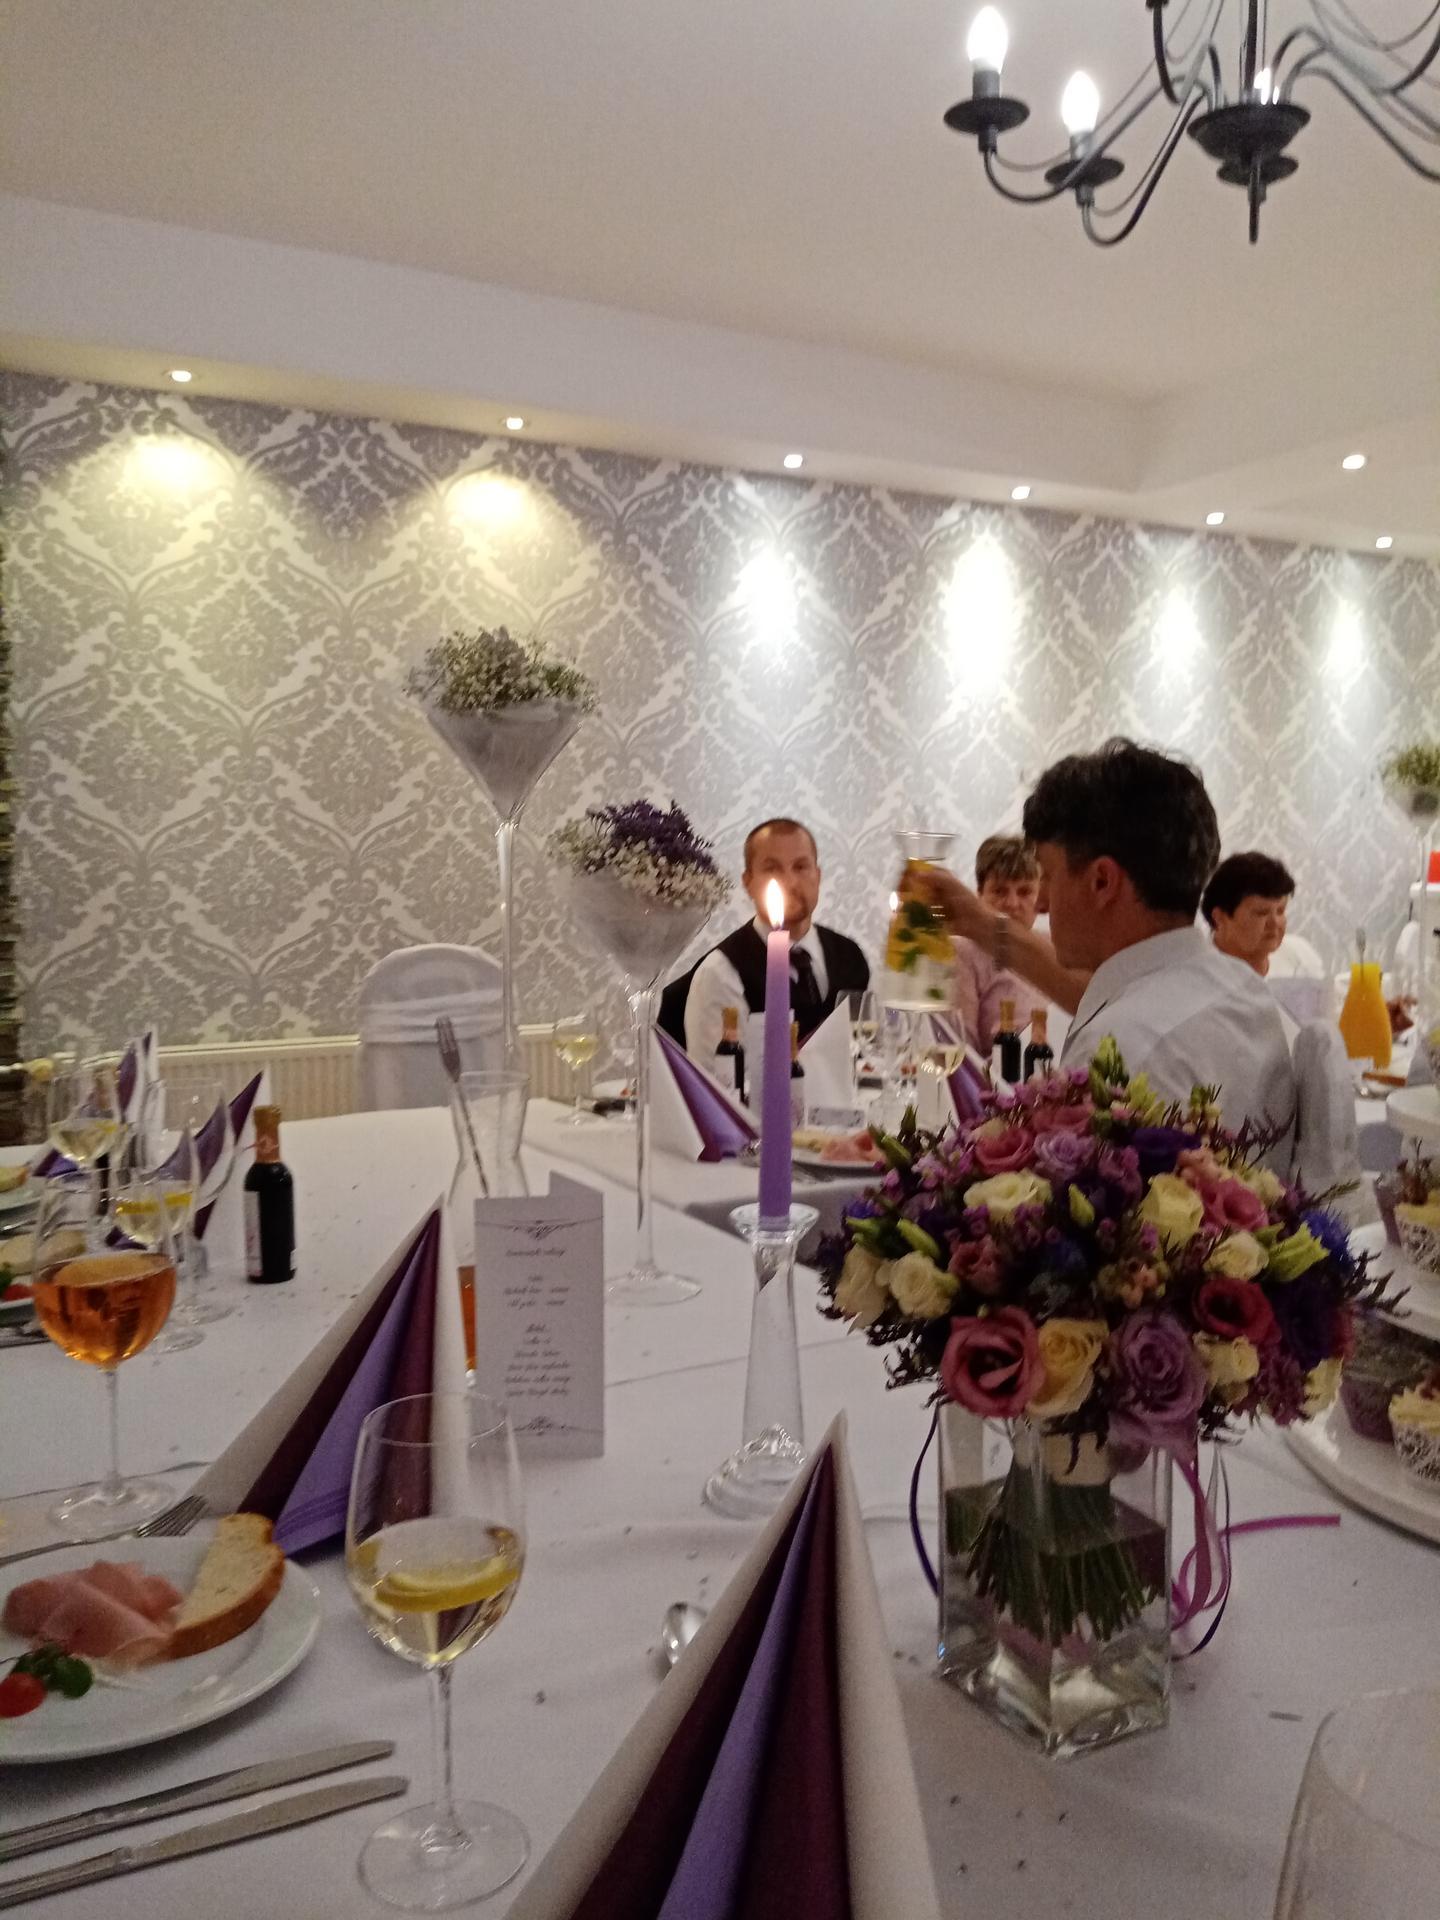 Pár fotek od svatebčanů - Obrázek č. 3